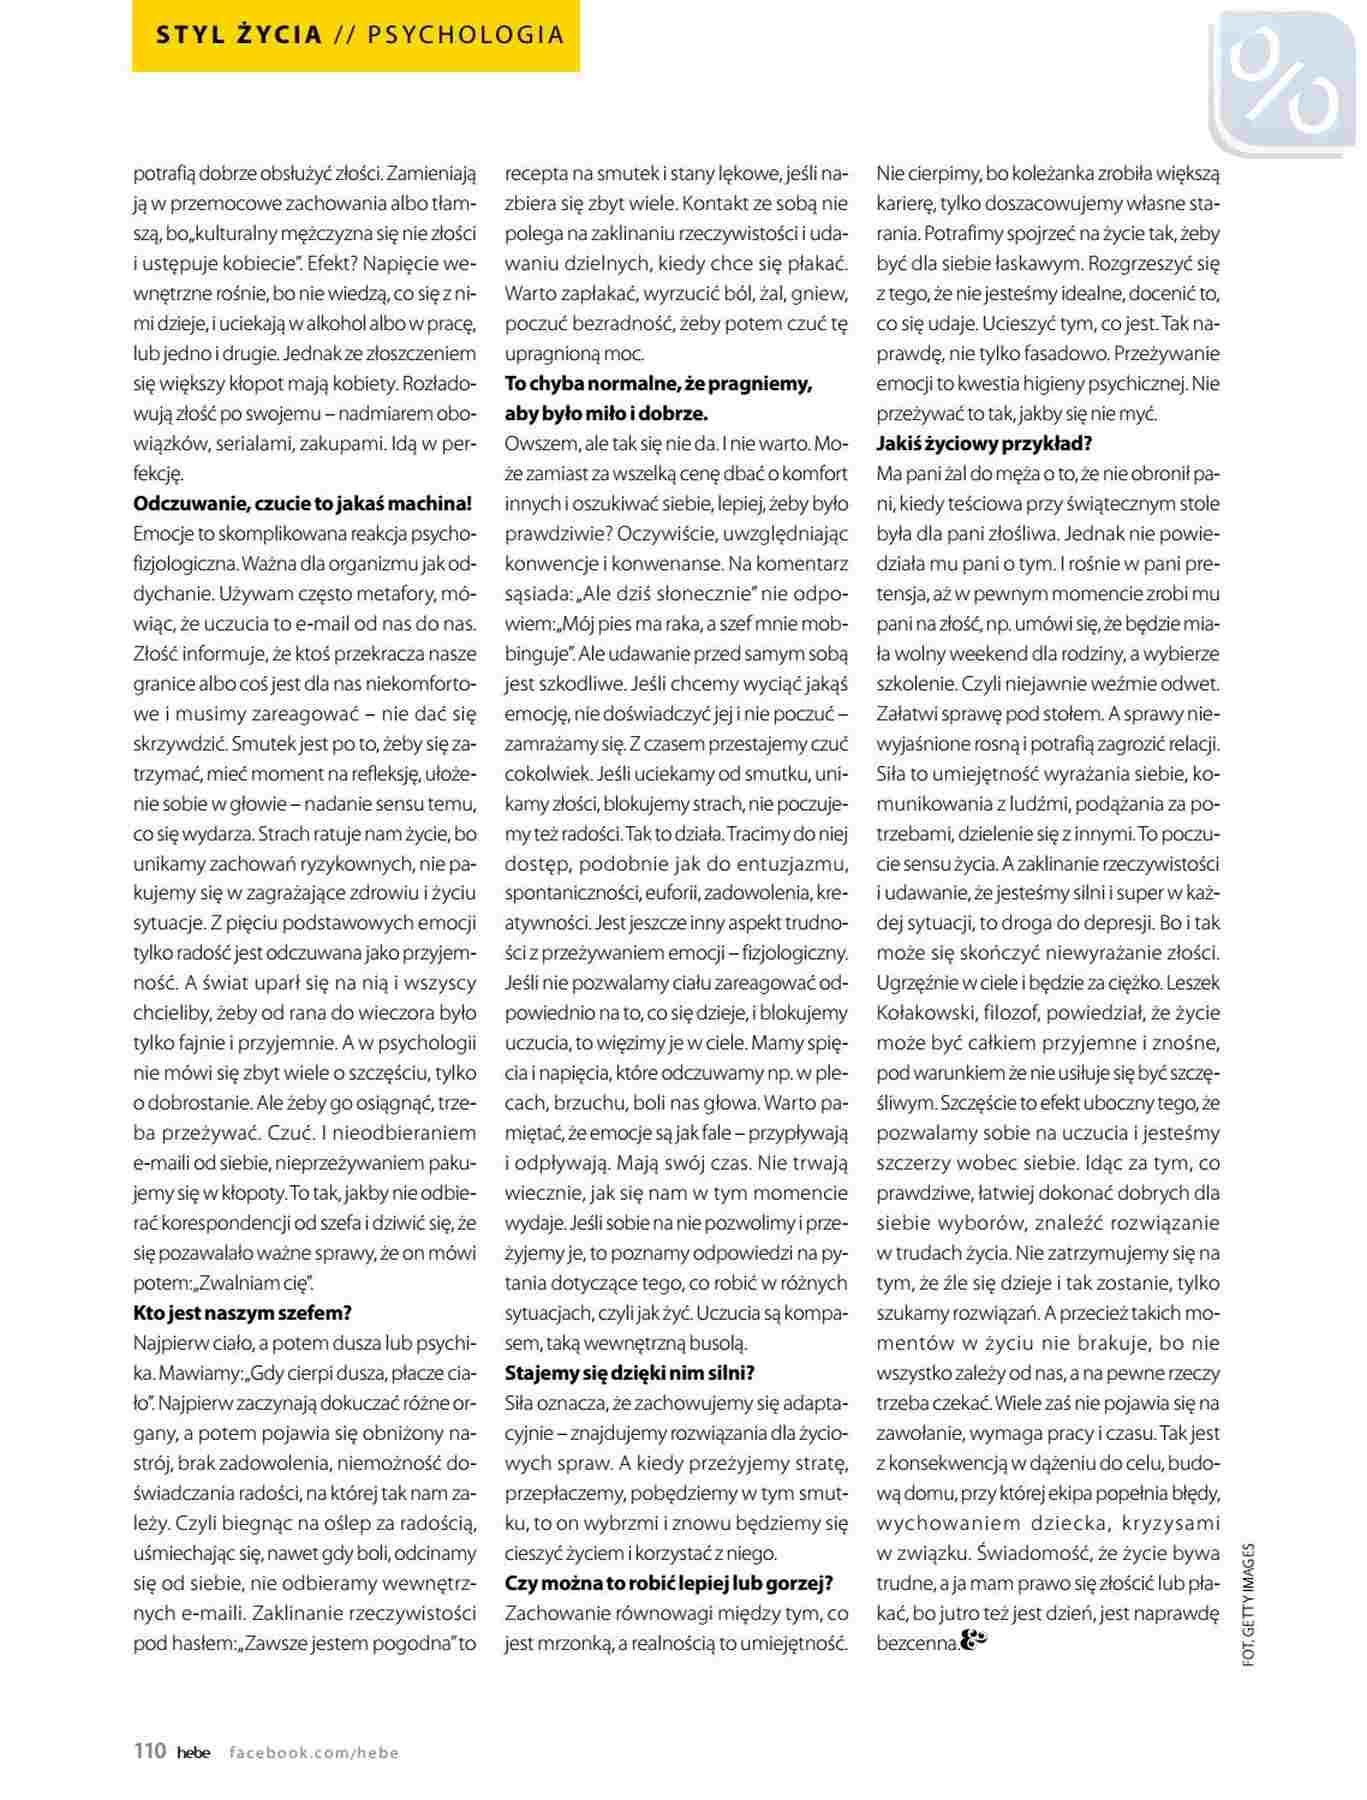 Gazetka promocyjna Hebe do 31/01/2019 str.110